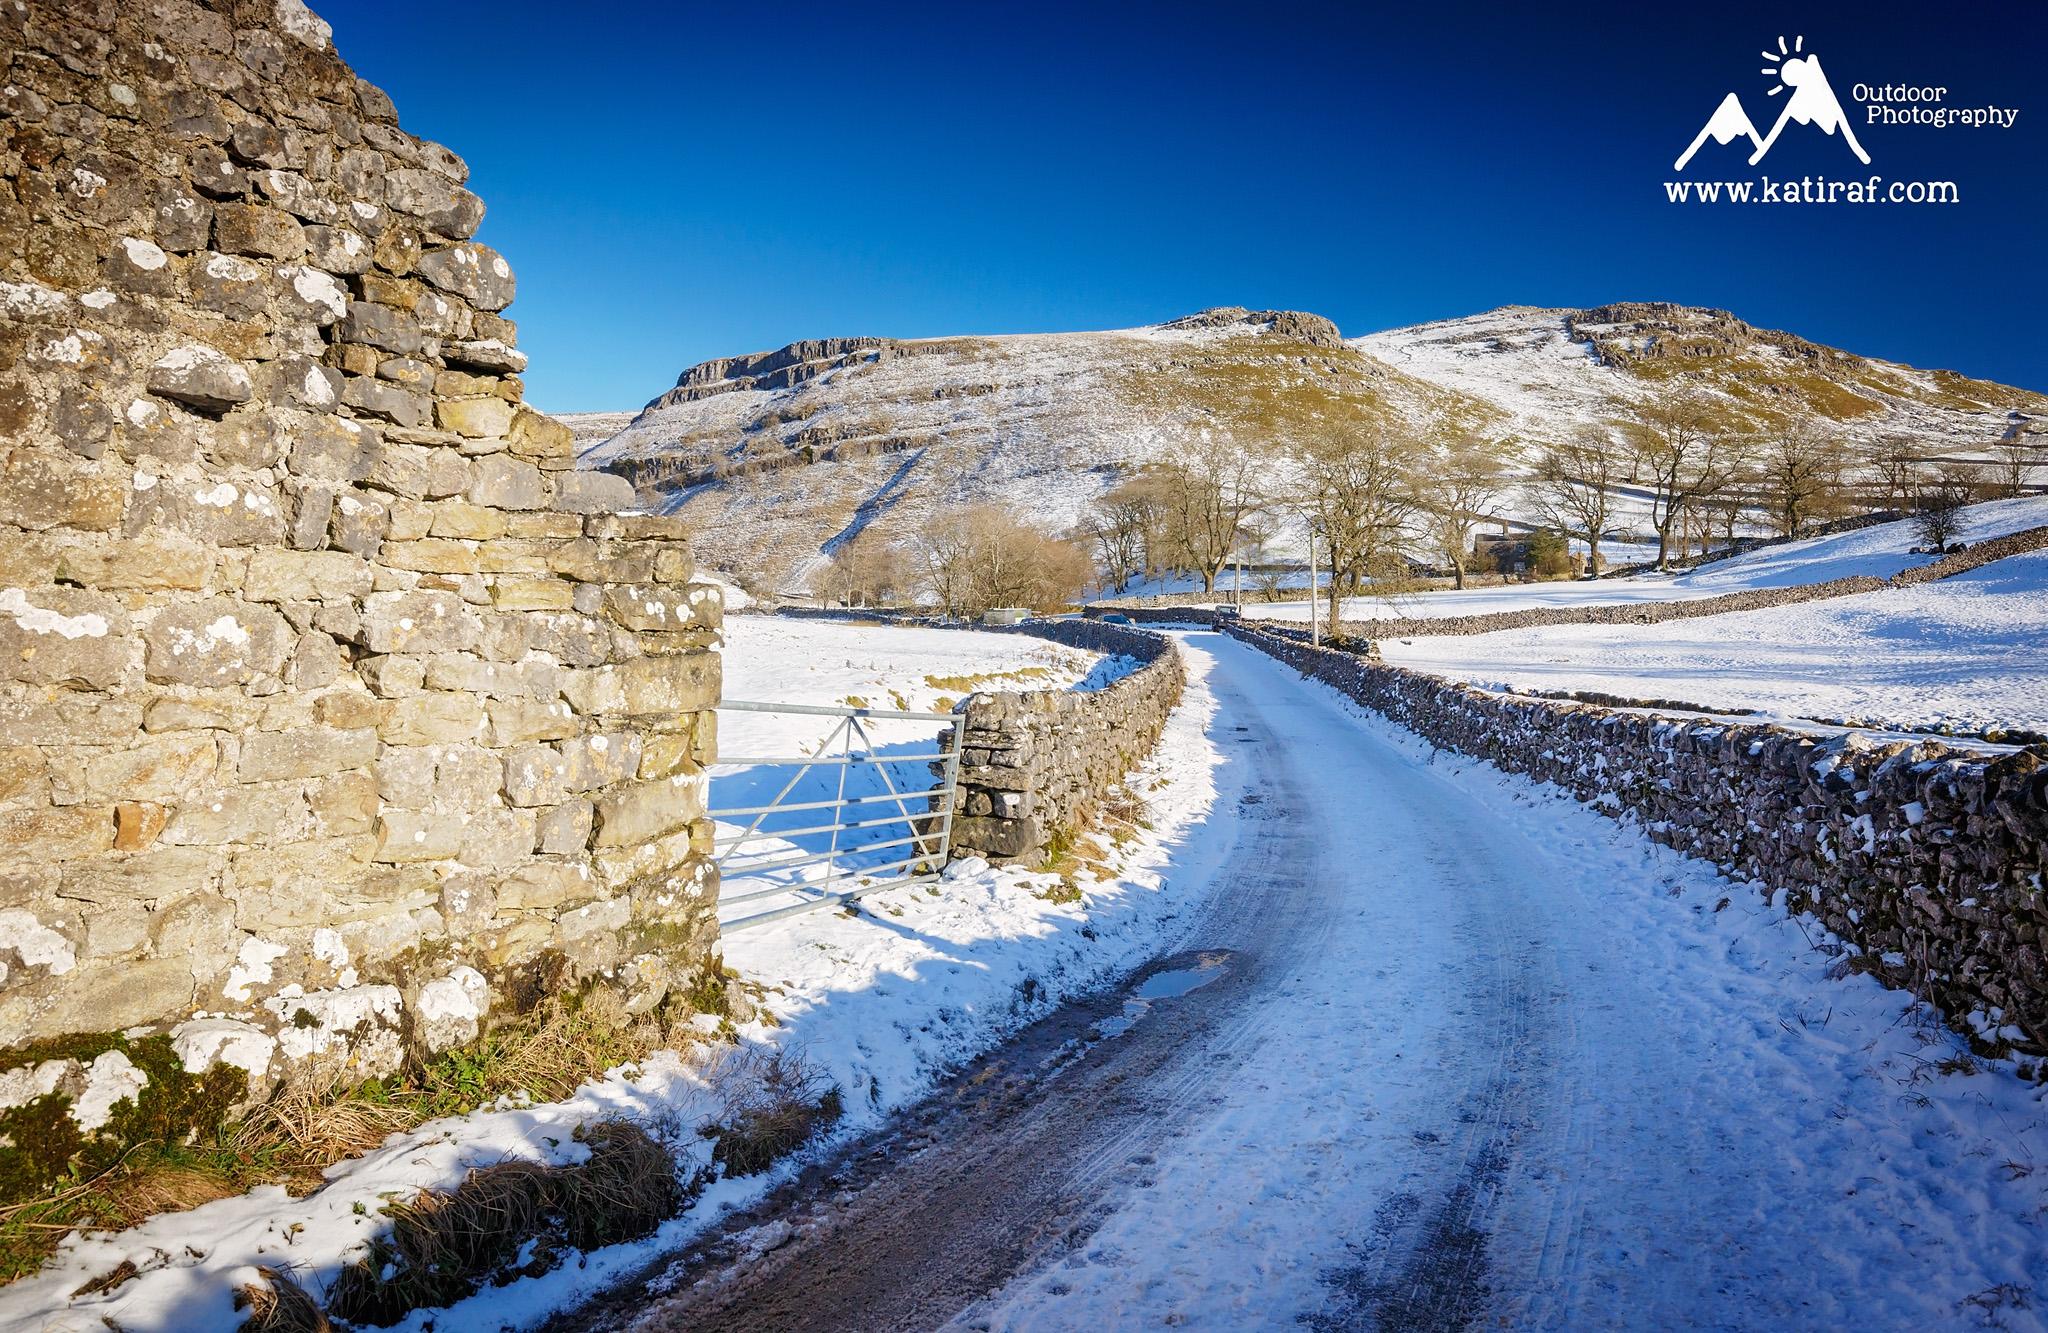 Wąwóz Gordale Scar, Yorkshire Dales, Anglia www.katiraf.com